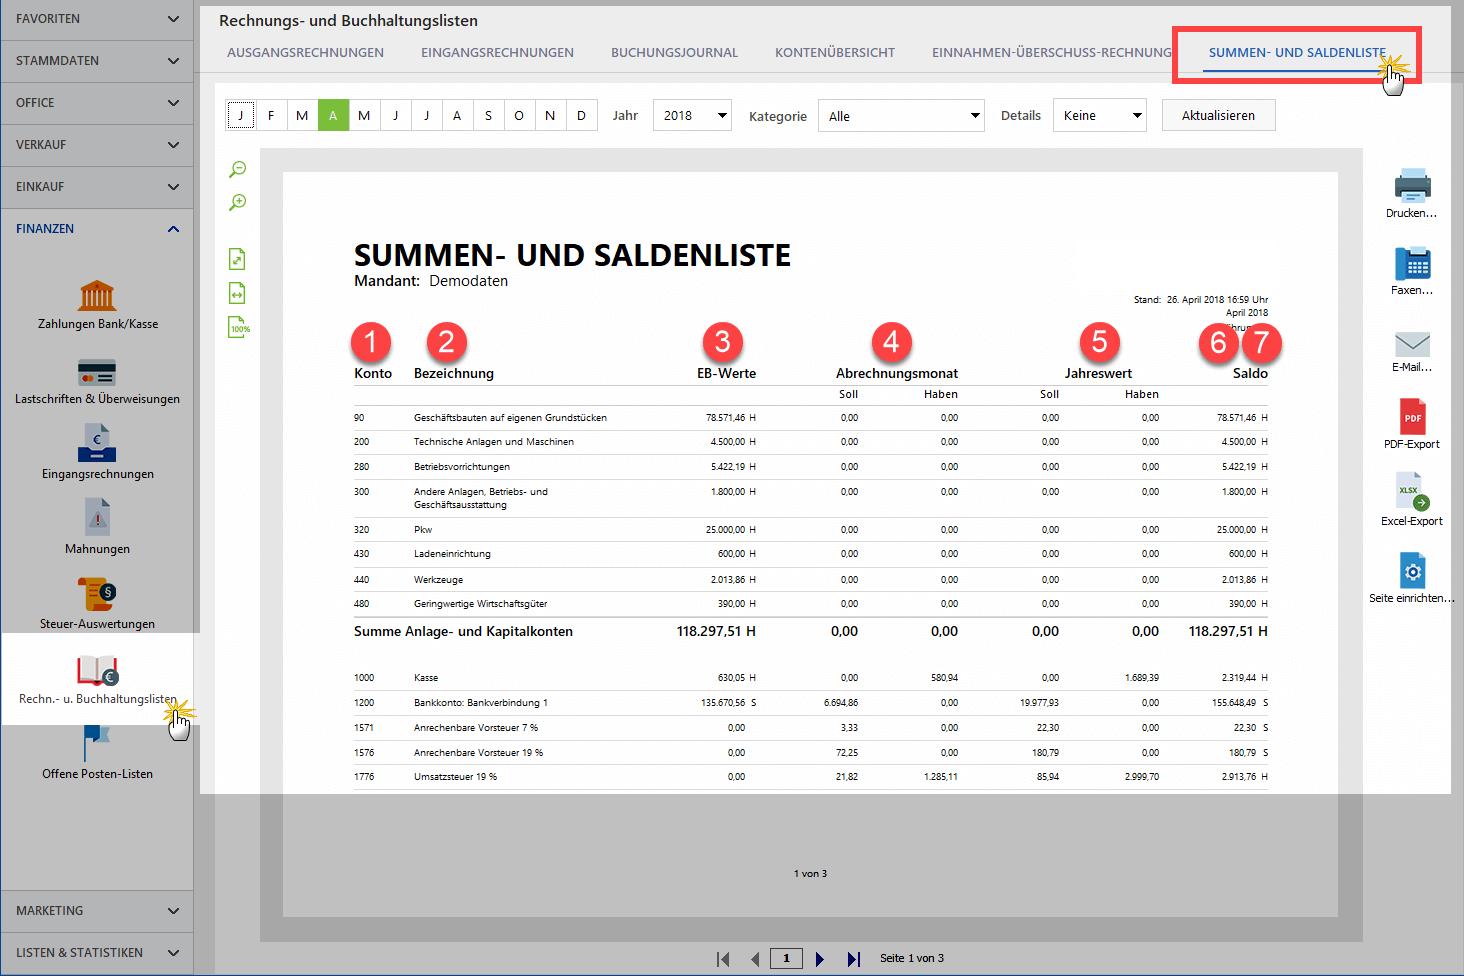 Wie ist eine Summen- und Saldenliste aufgebaut?